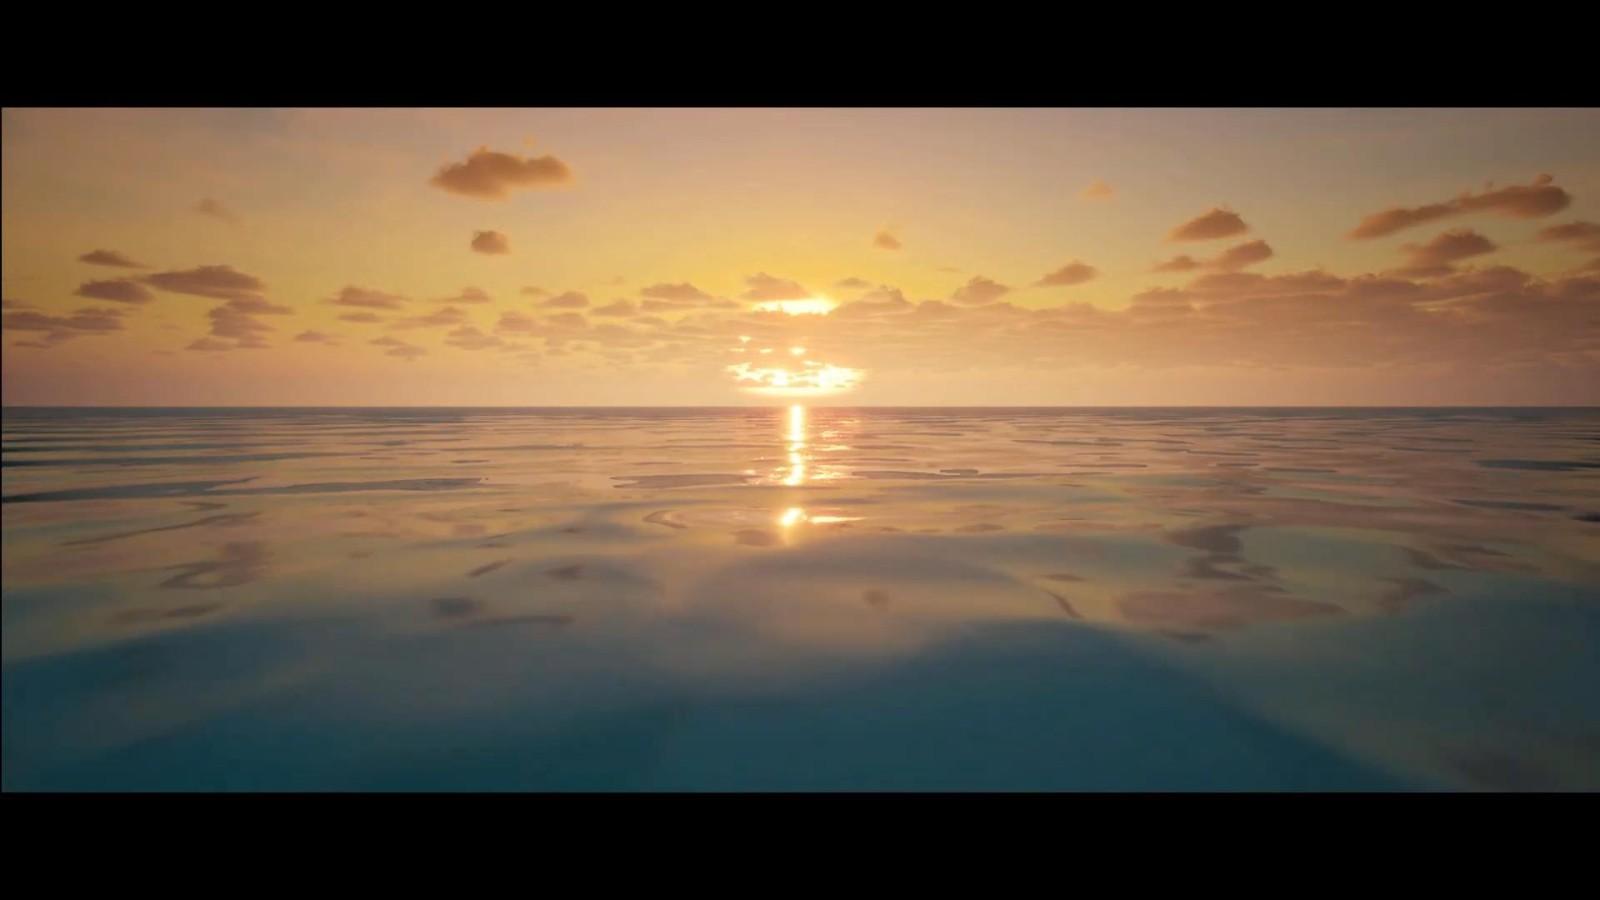 传道游戏《我是耶稣》新预告 展示虚幻5引擎魅力